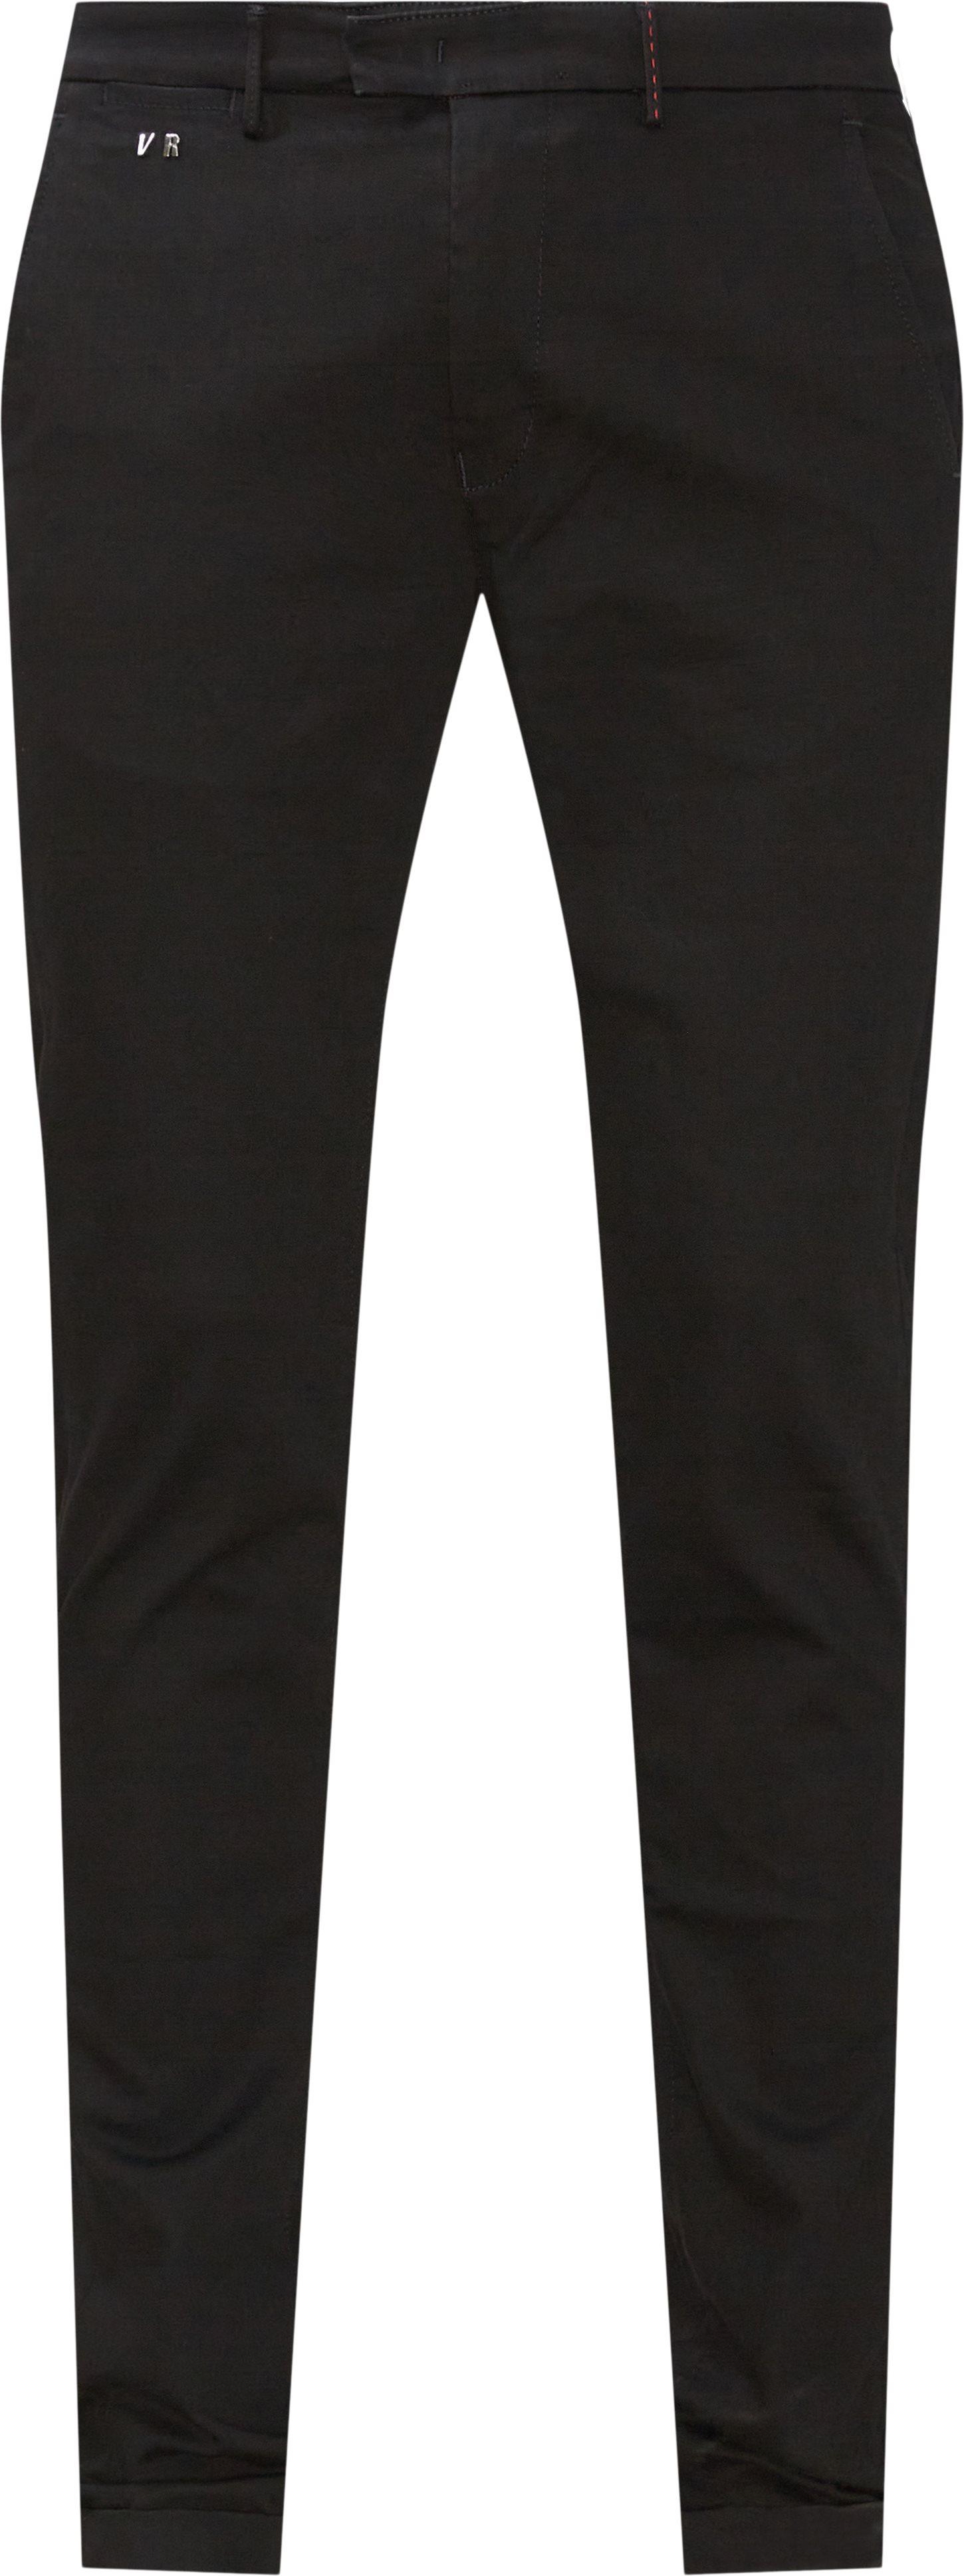 Bukser - Slim fit - Sort